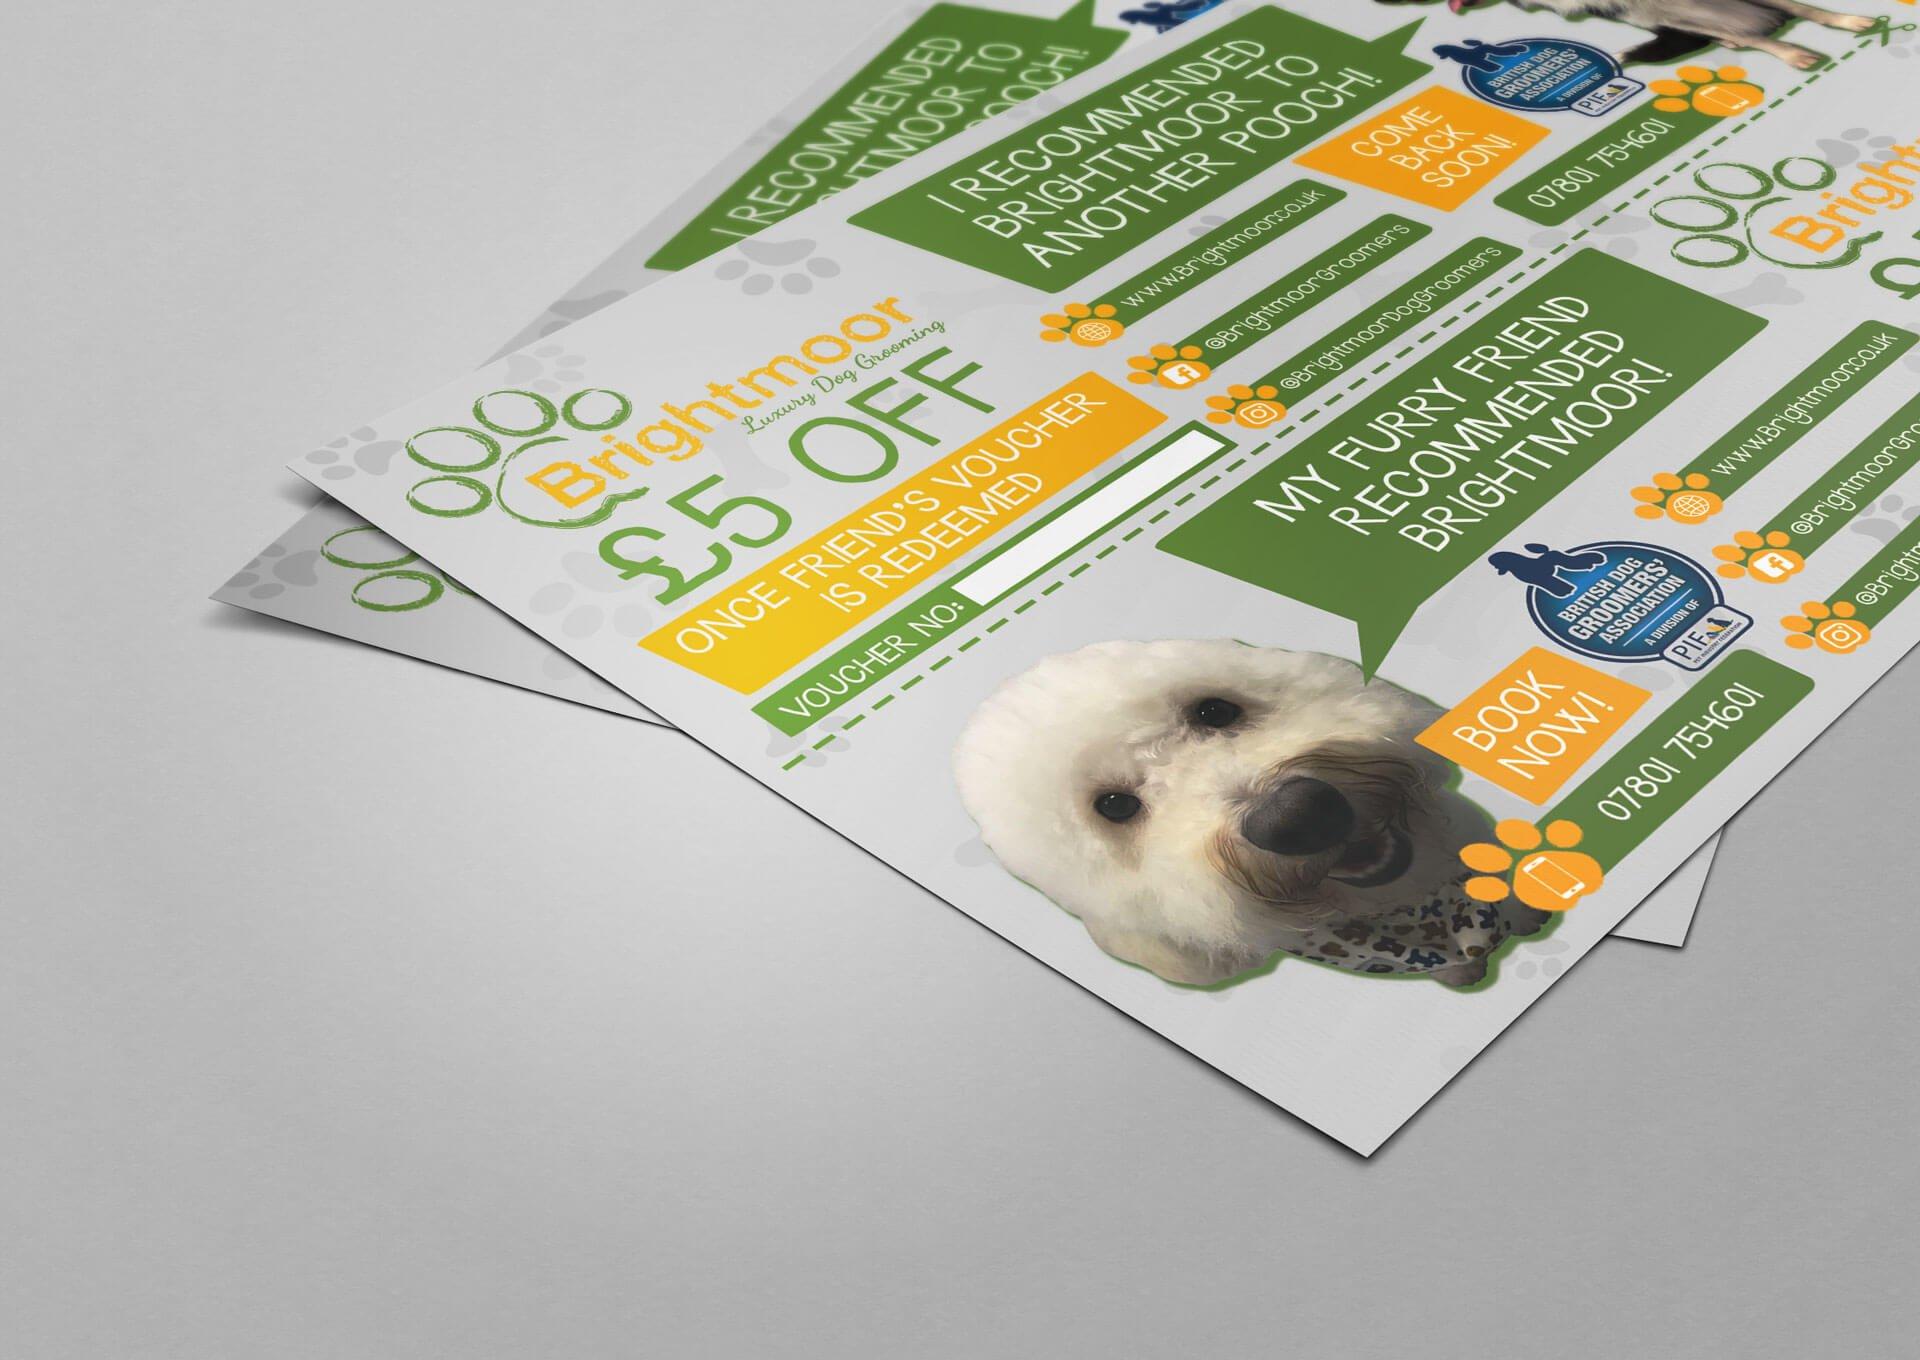 Brightmoor Luxury Dog Grooming Leaflet Design